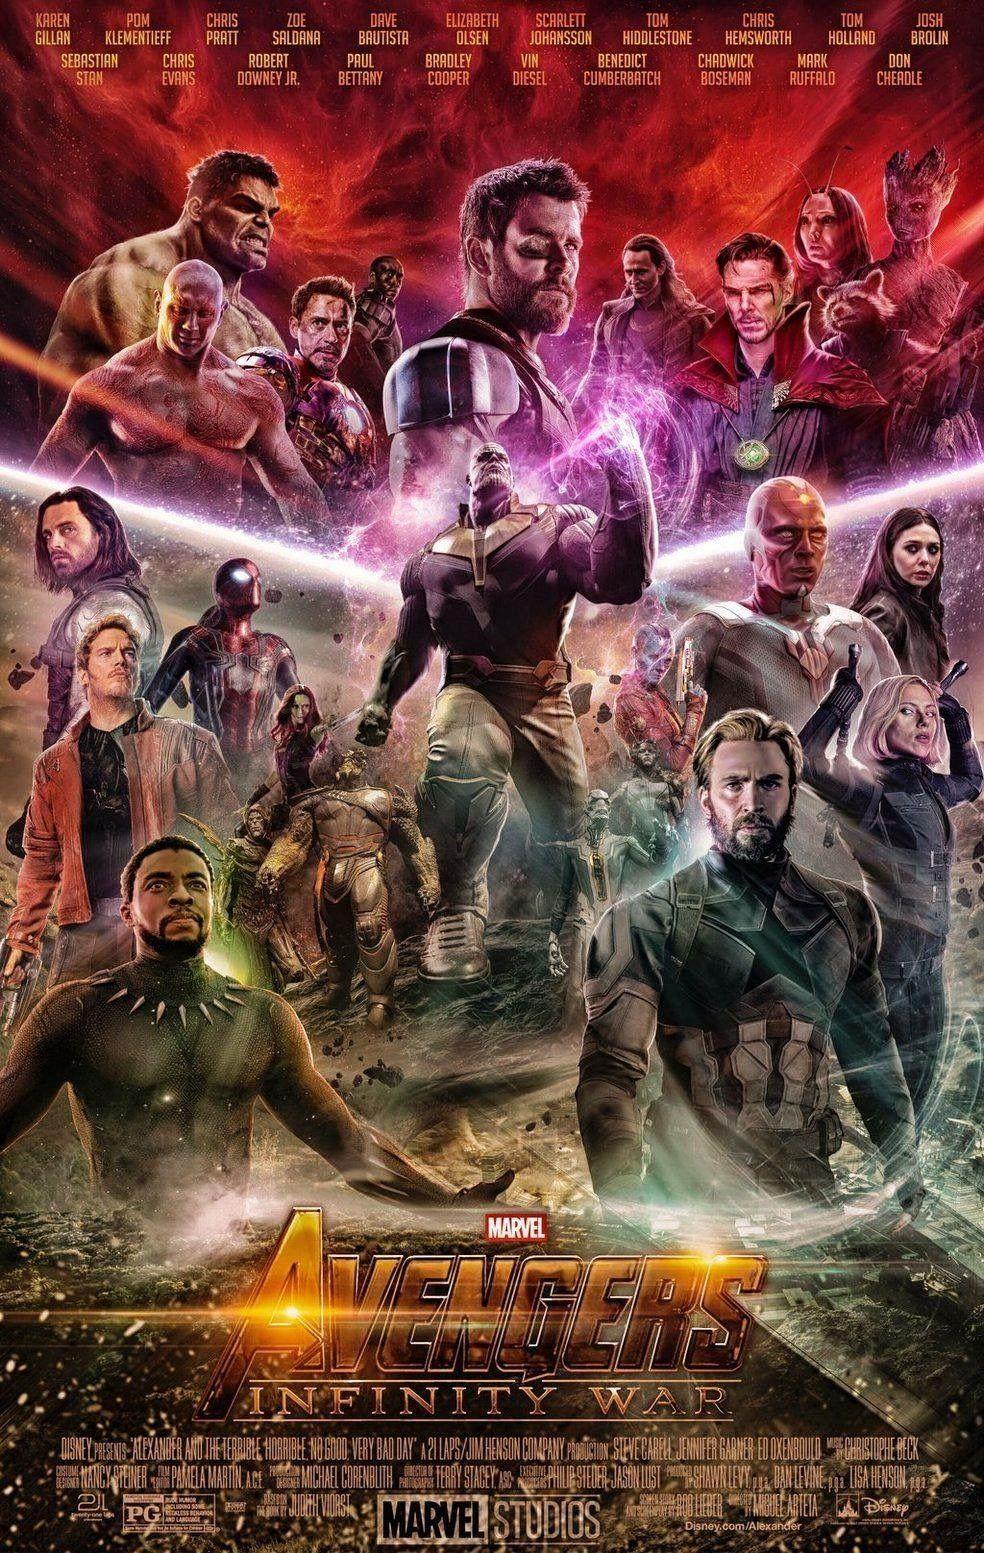 Marvel S Avengers 3 Infinity War Marvel Movies Marvel Superheroes Marvel